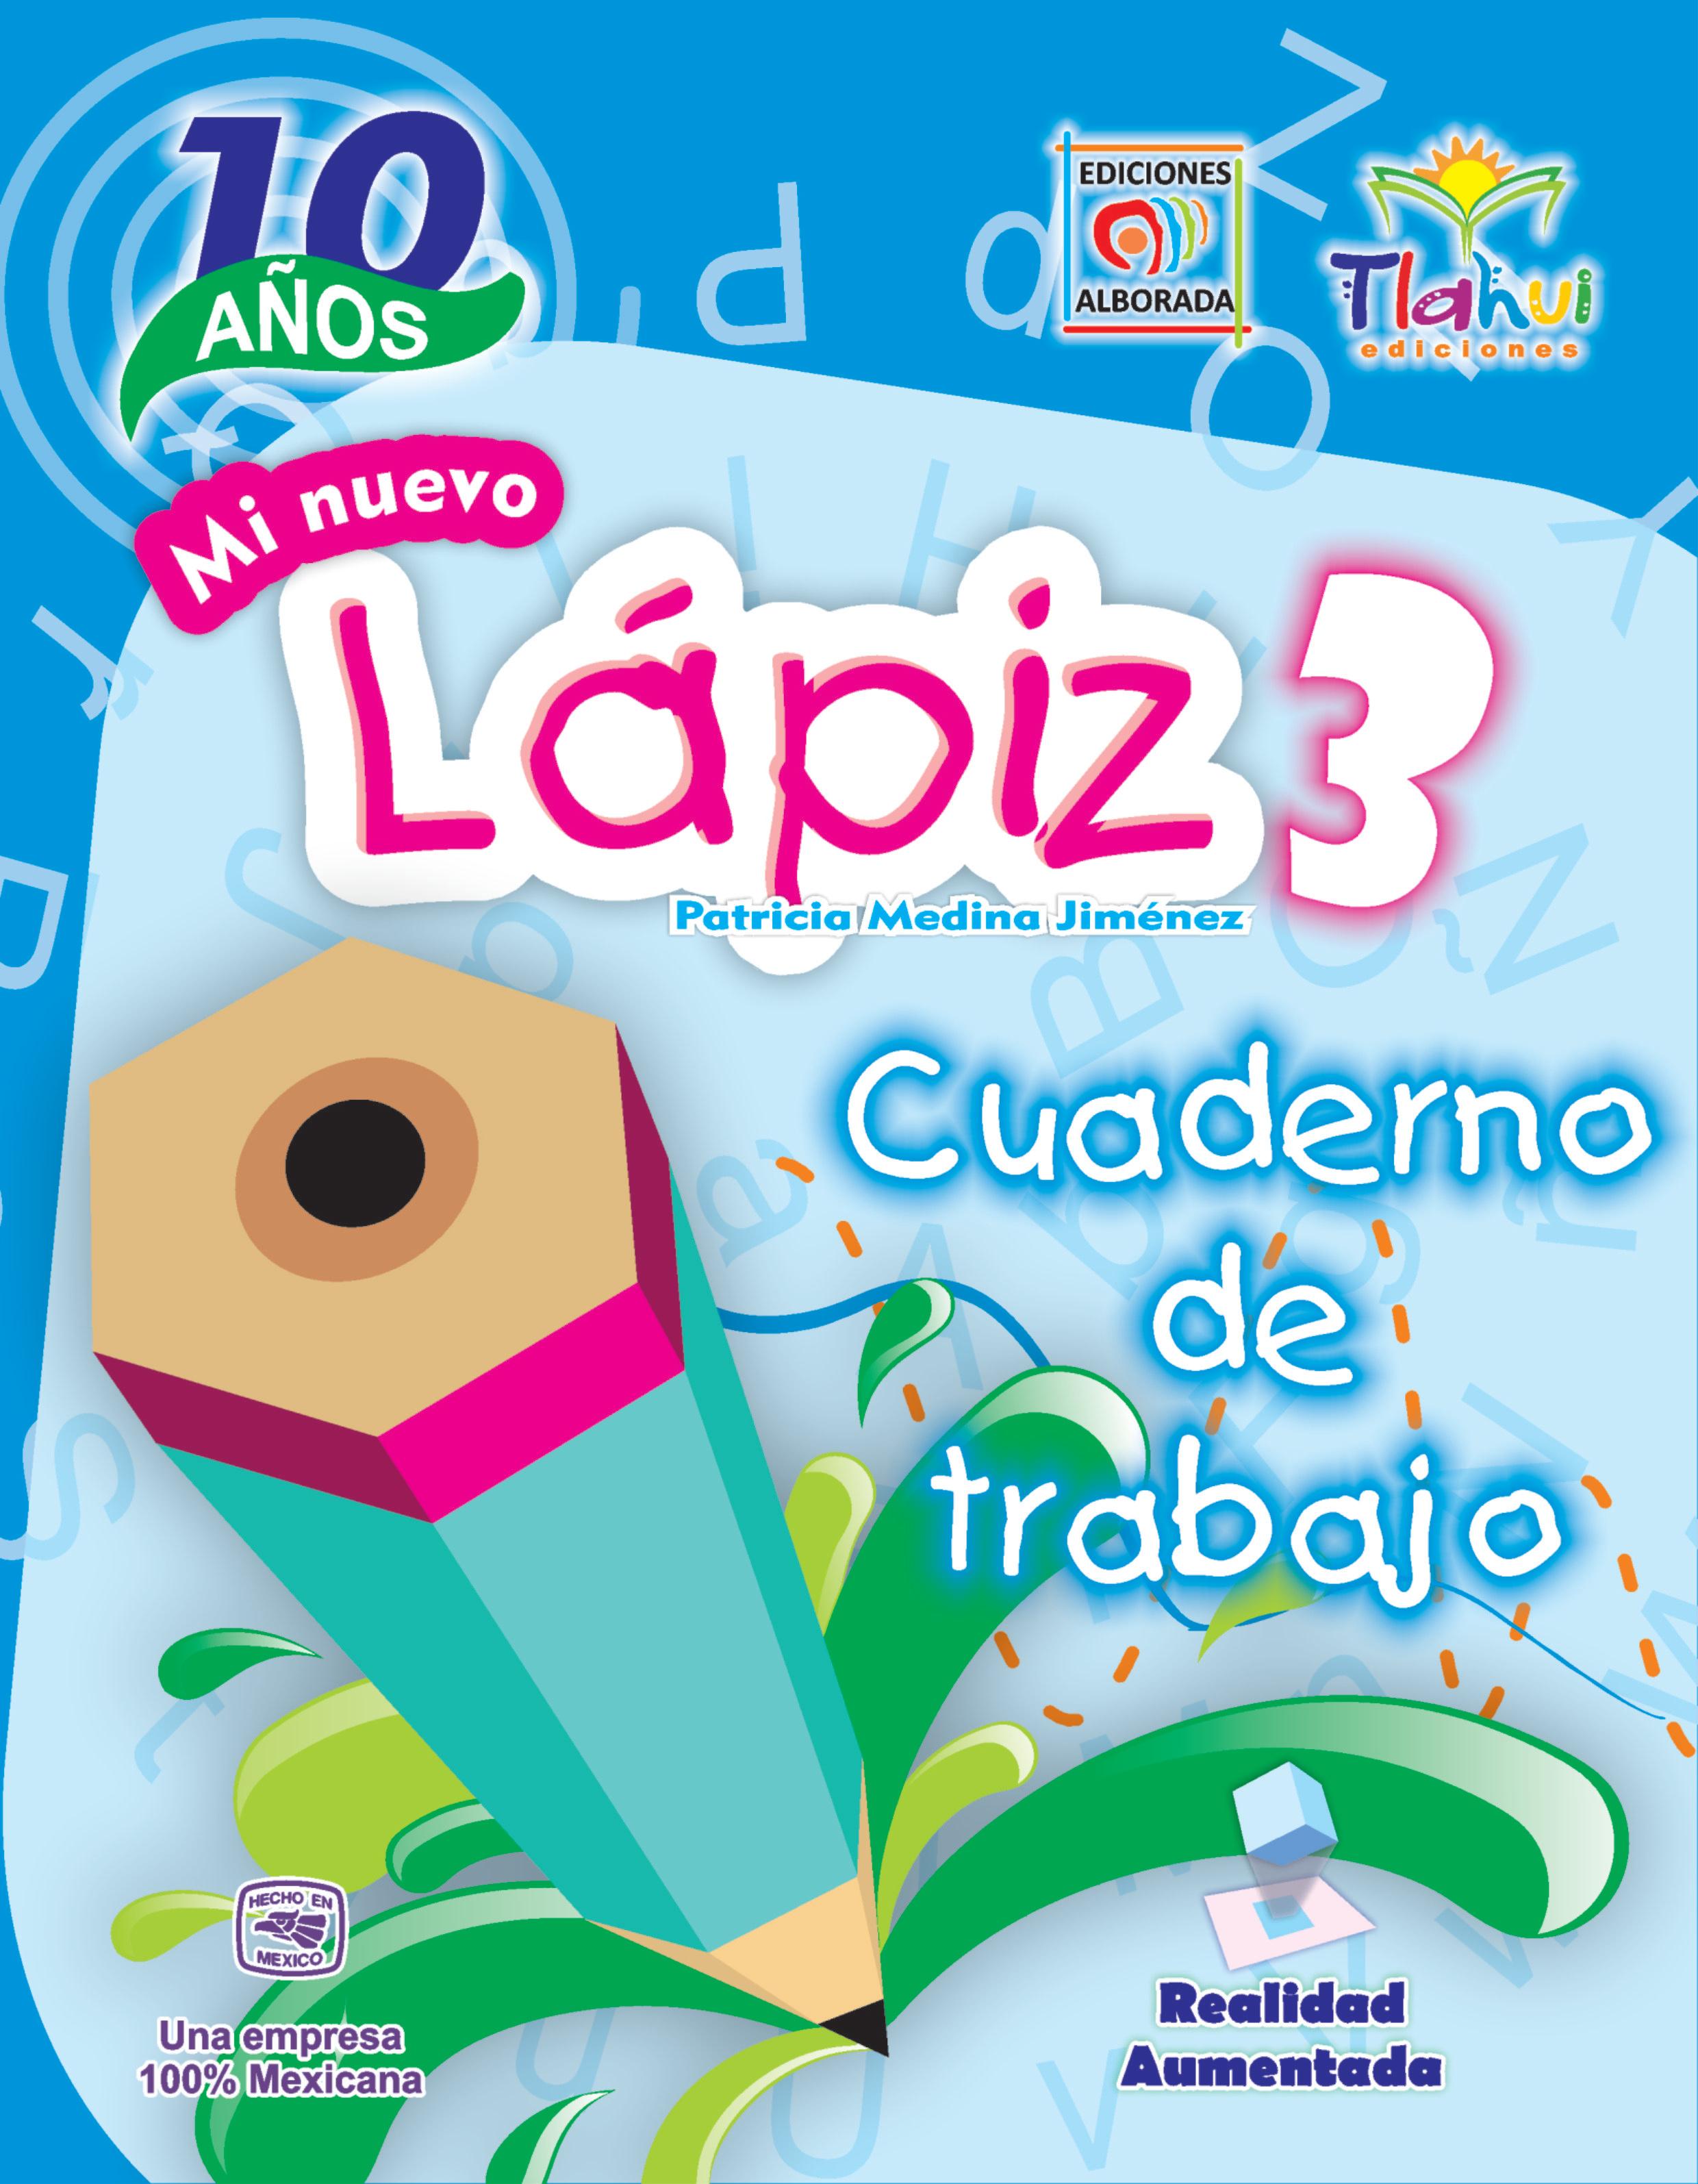 Mi_nuevo_lápiz_3_cuaderno_de_trabajo